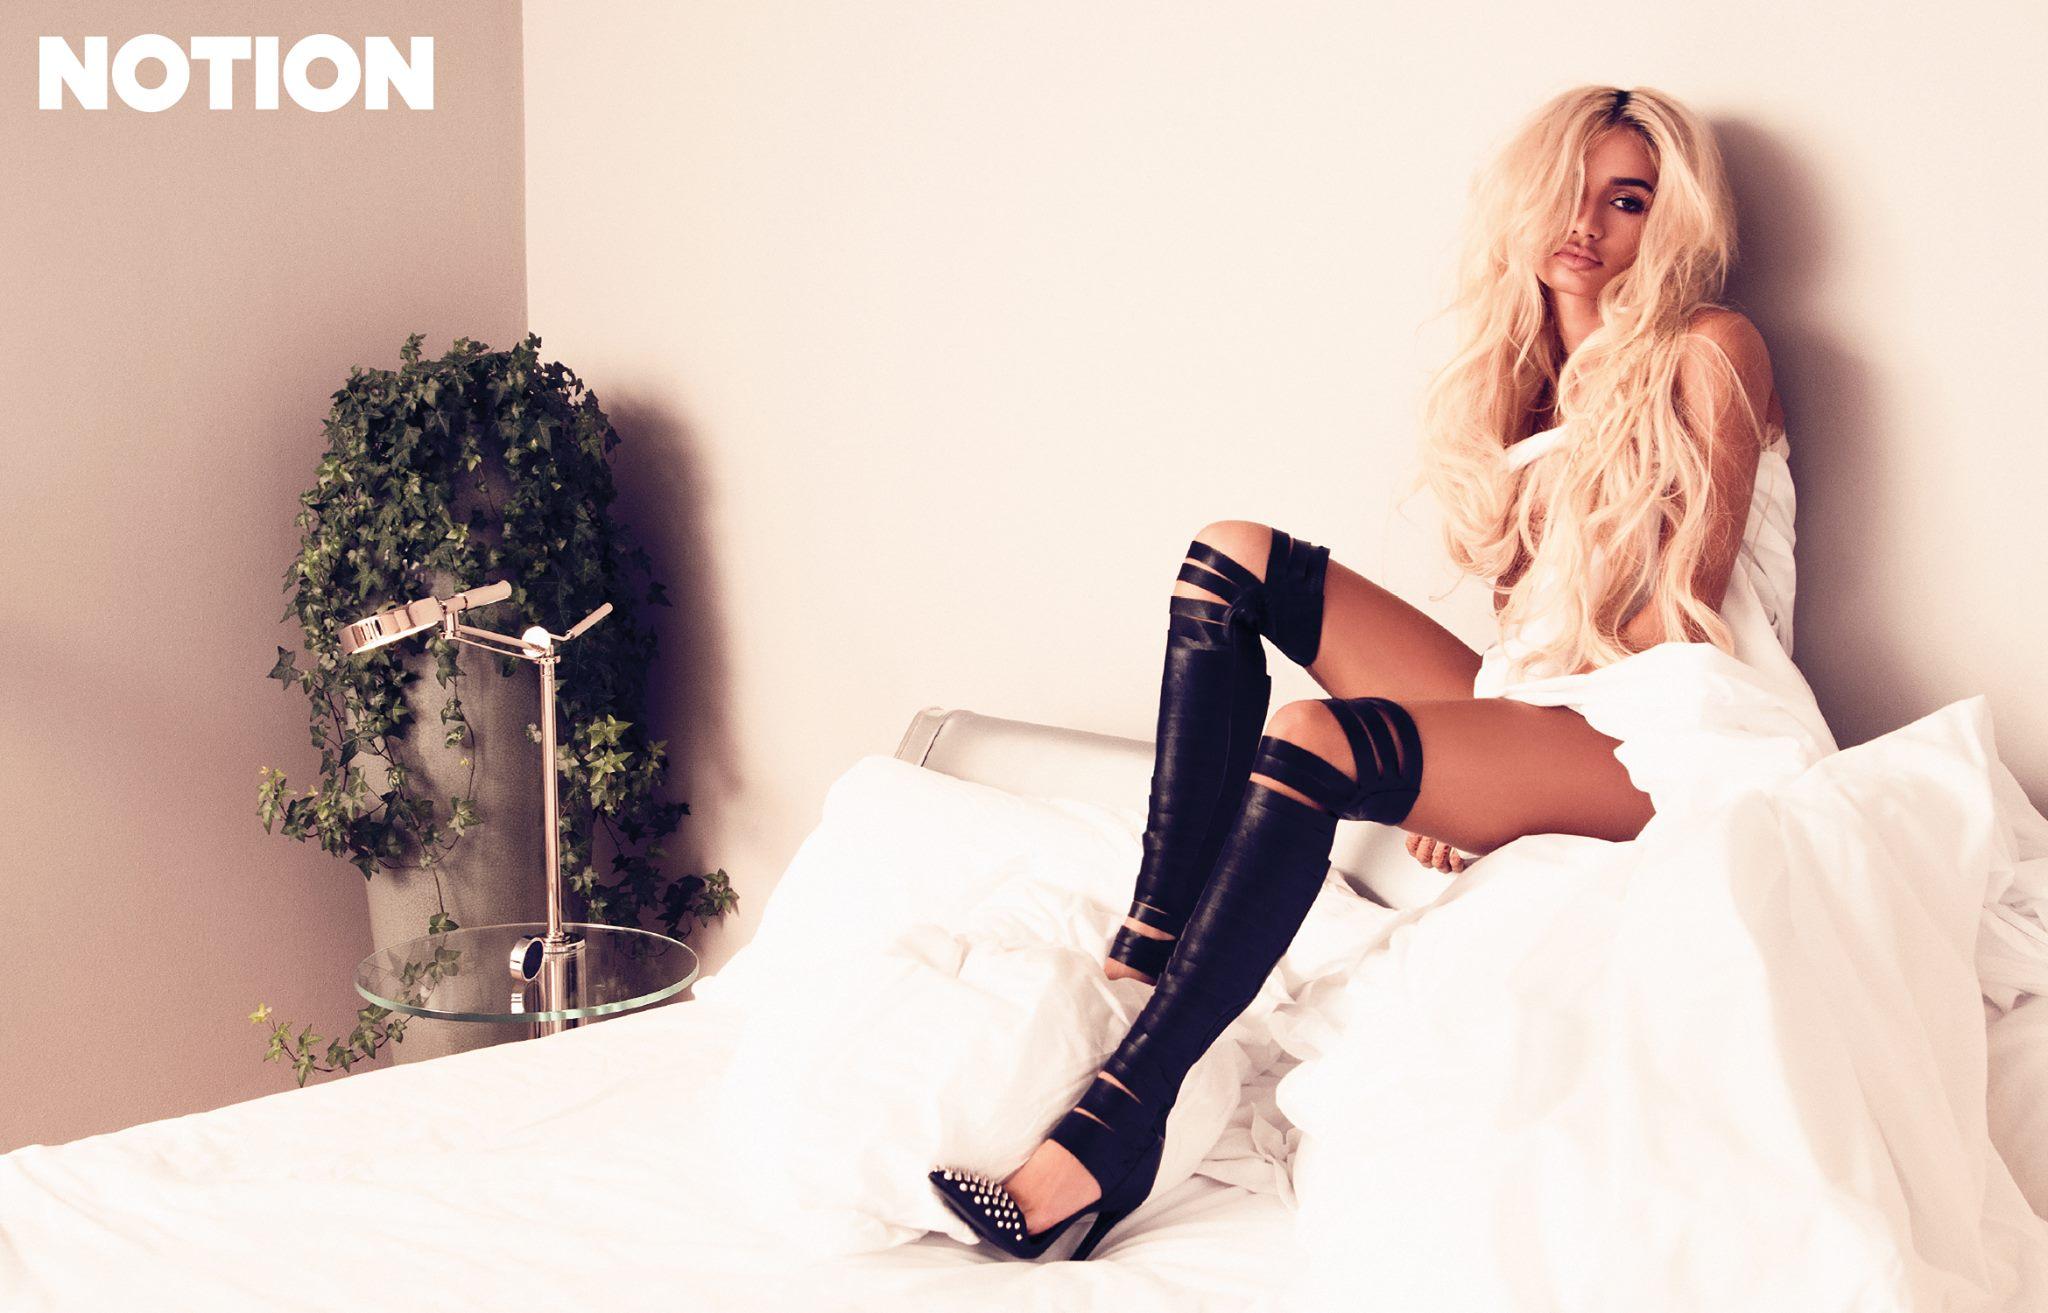 """Pia Mia NOTION Magazine 3 - Pia Mia на обложке """"NOTION"""""""